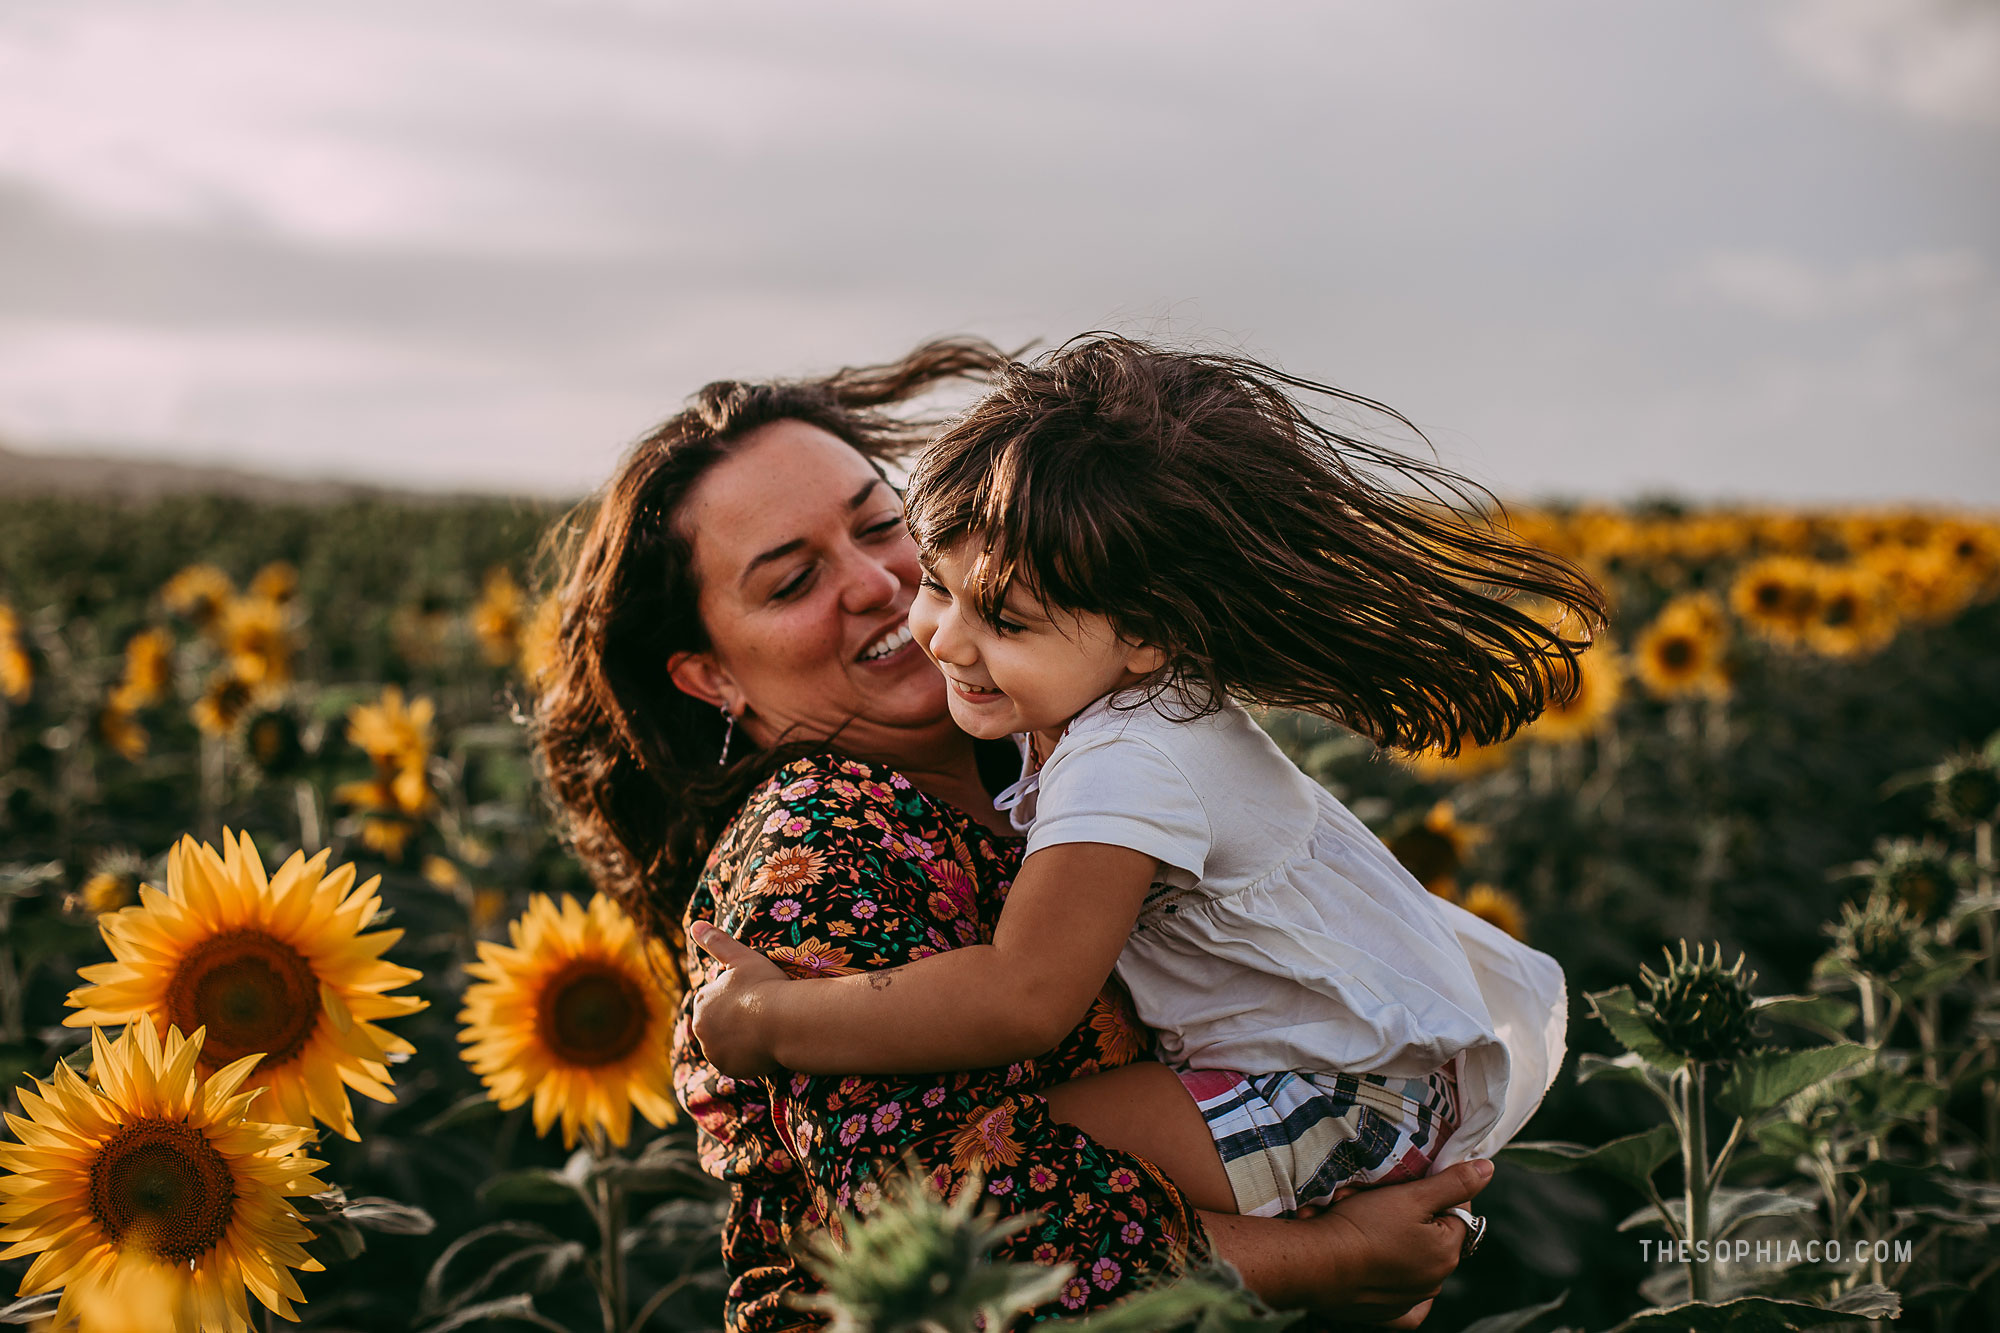 waialua-sunflowers-oahu-family-photography-17.jpg